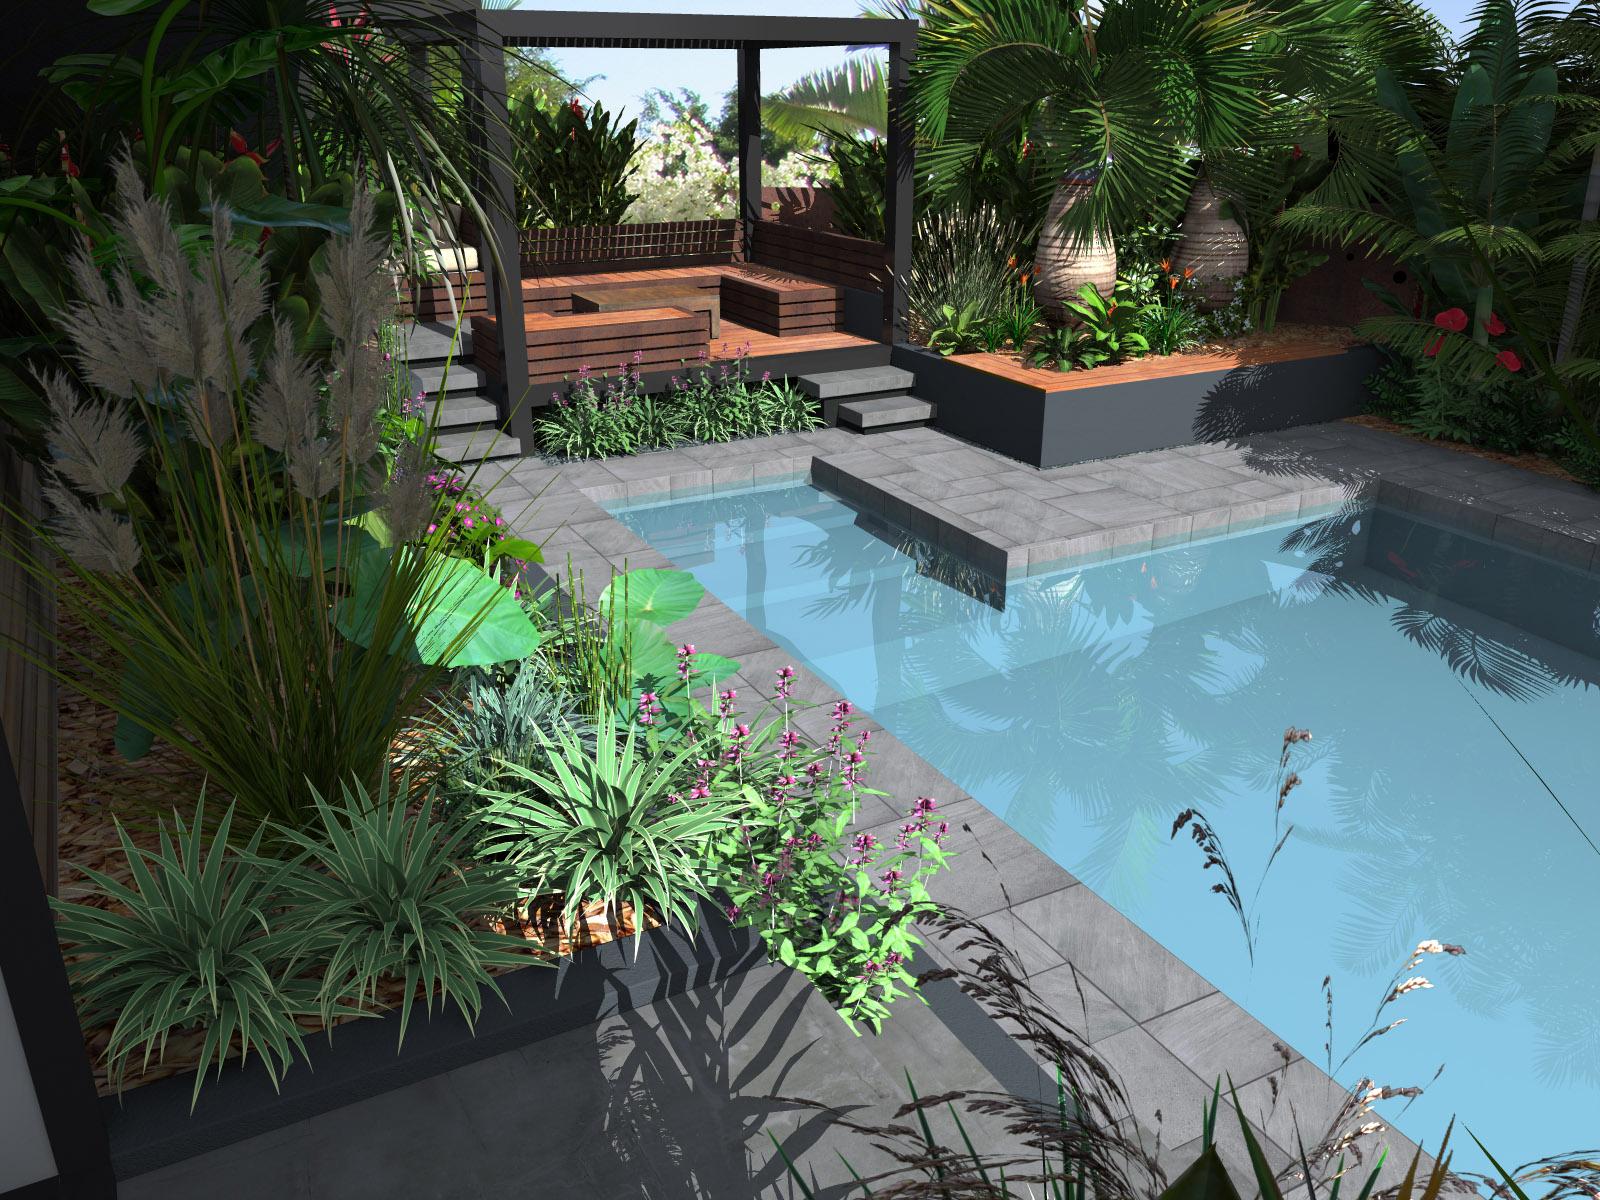 Conception 3d natural concept paysage 37 natural for Conception 3d